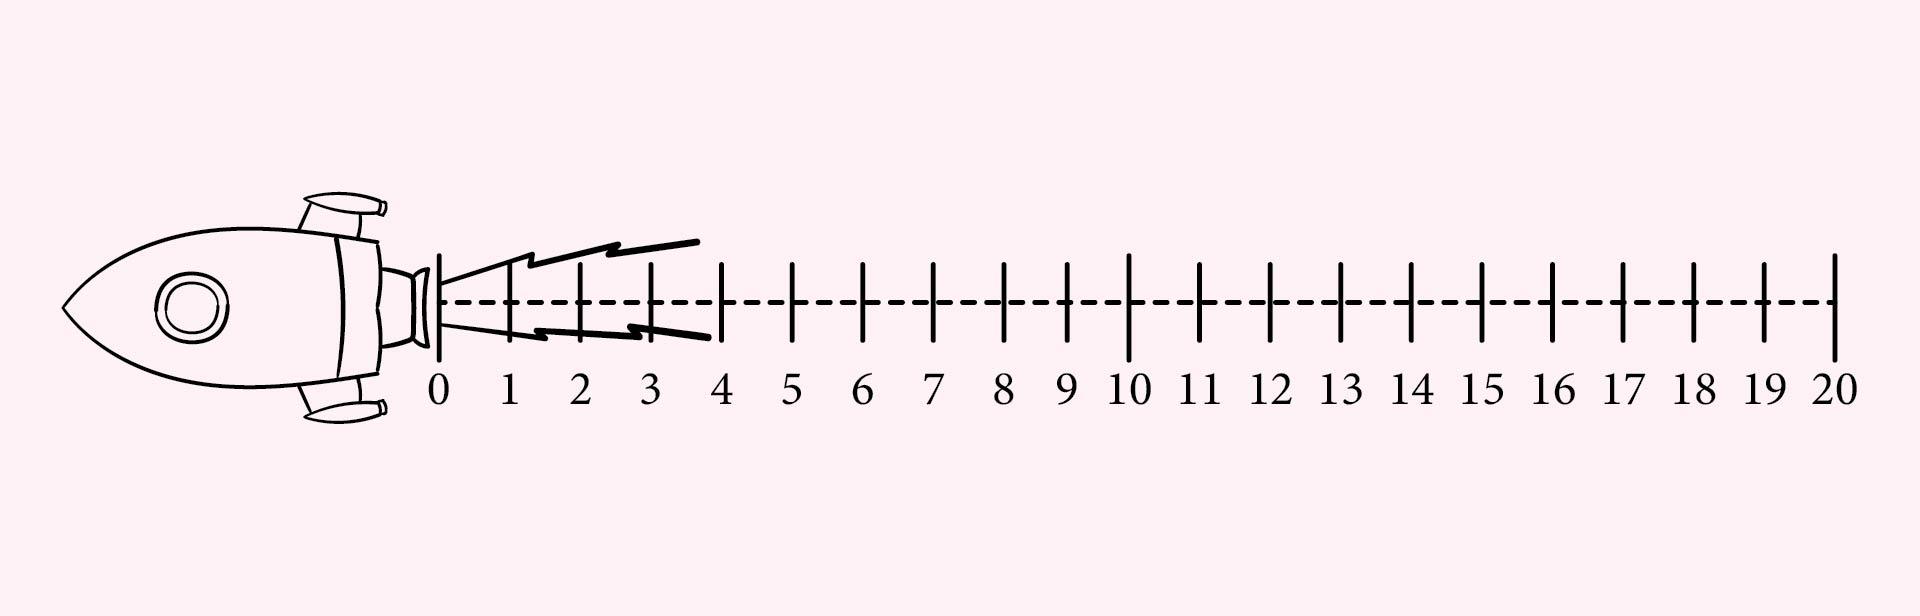 Printable Number Line 1-20